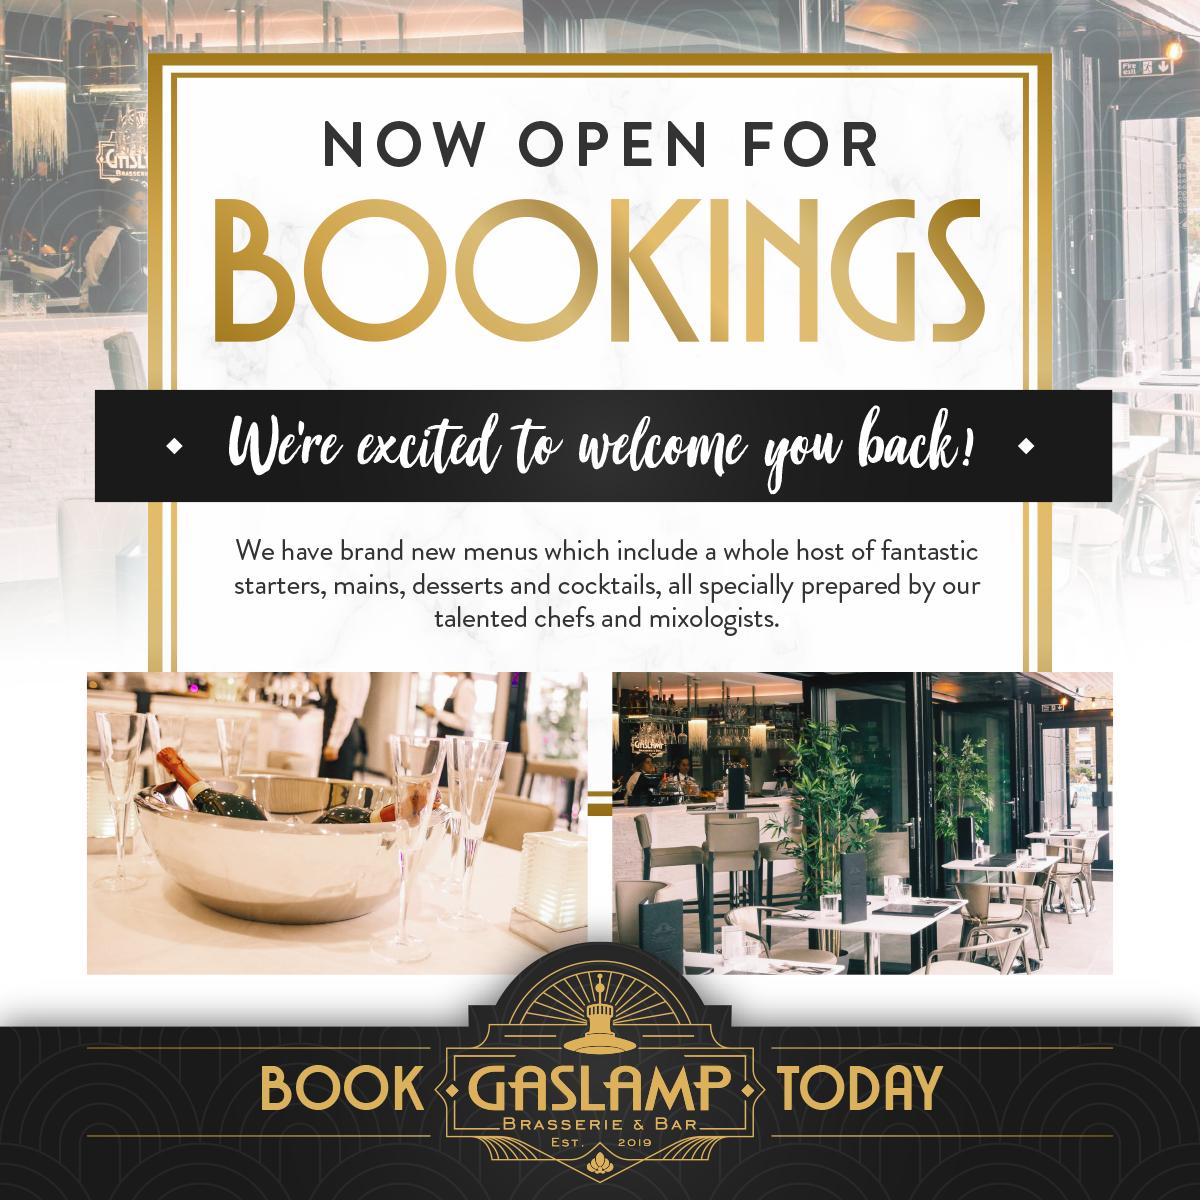 583 GL Bookings Now Open Social Media Post v2